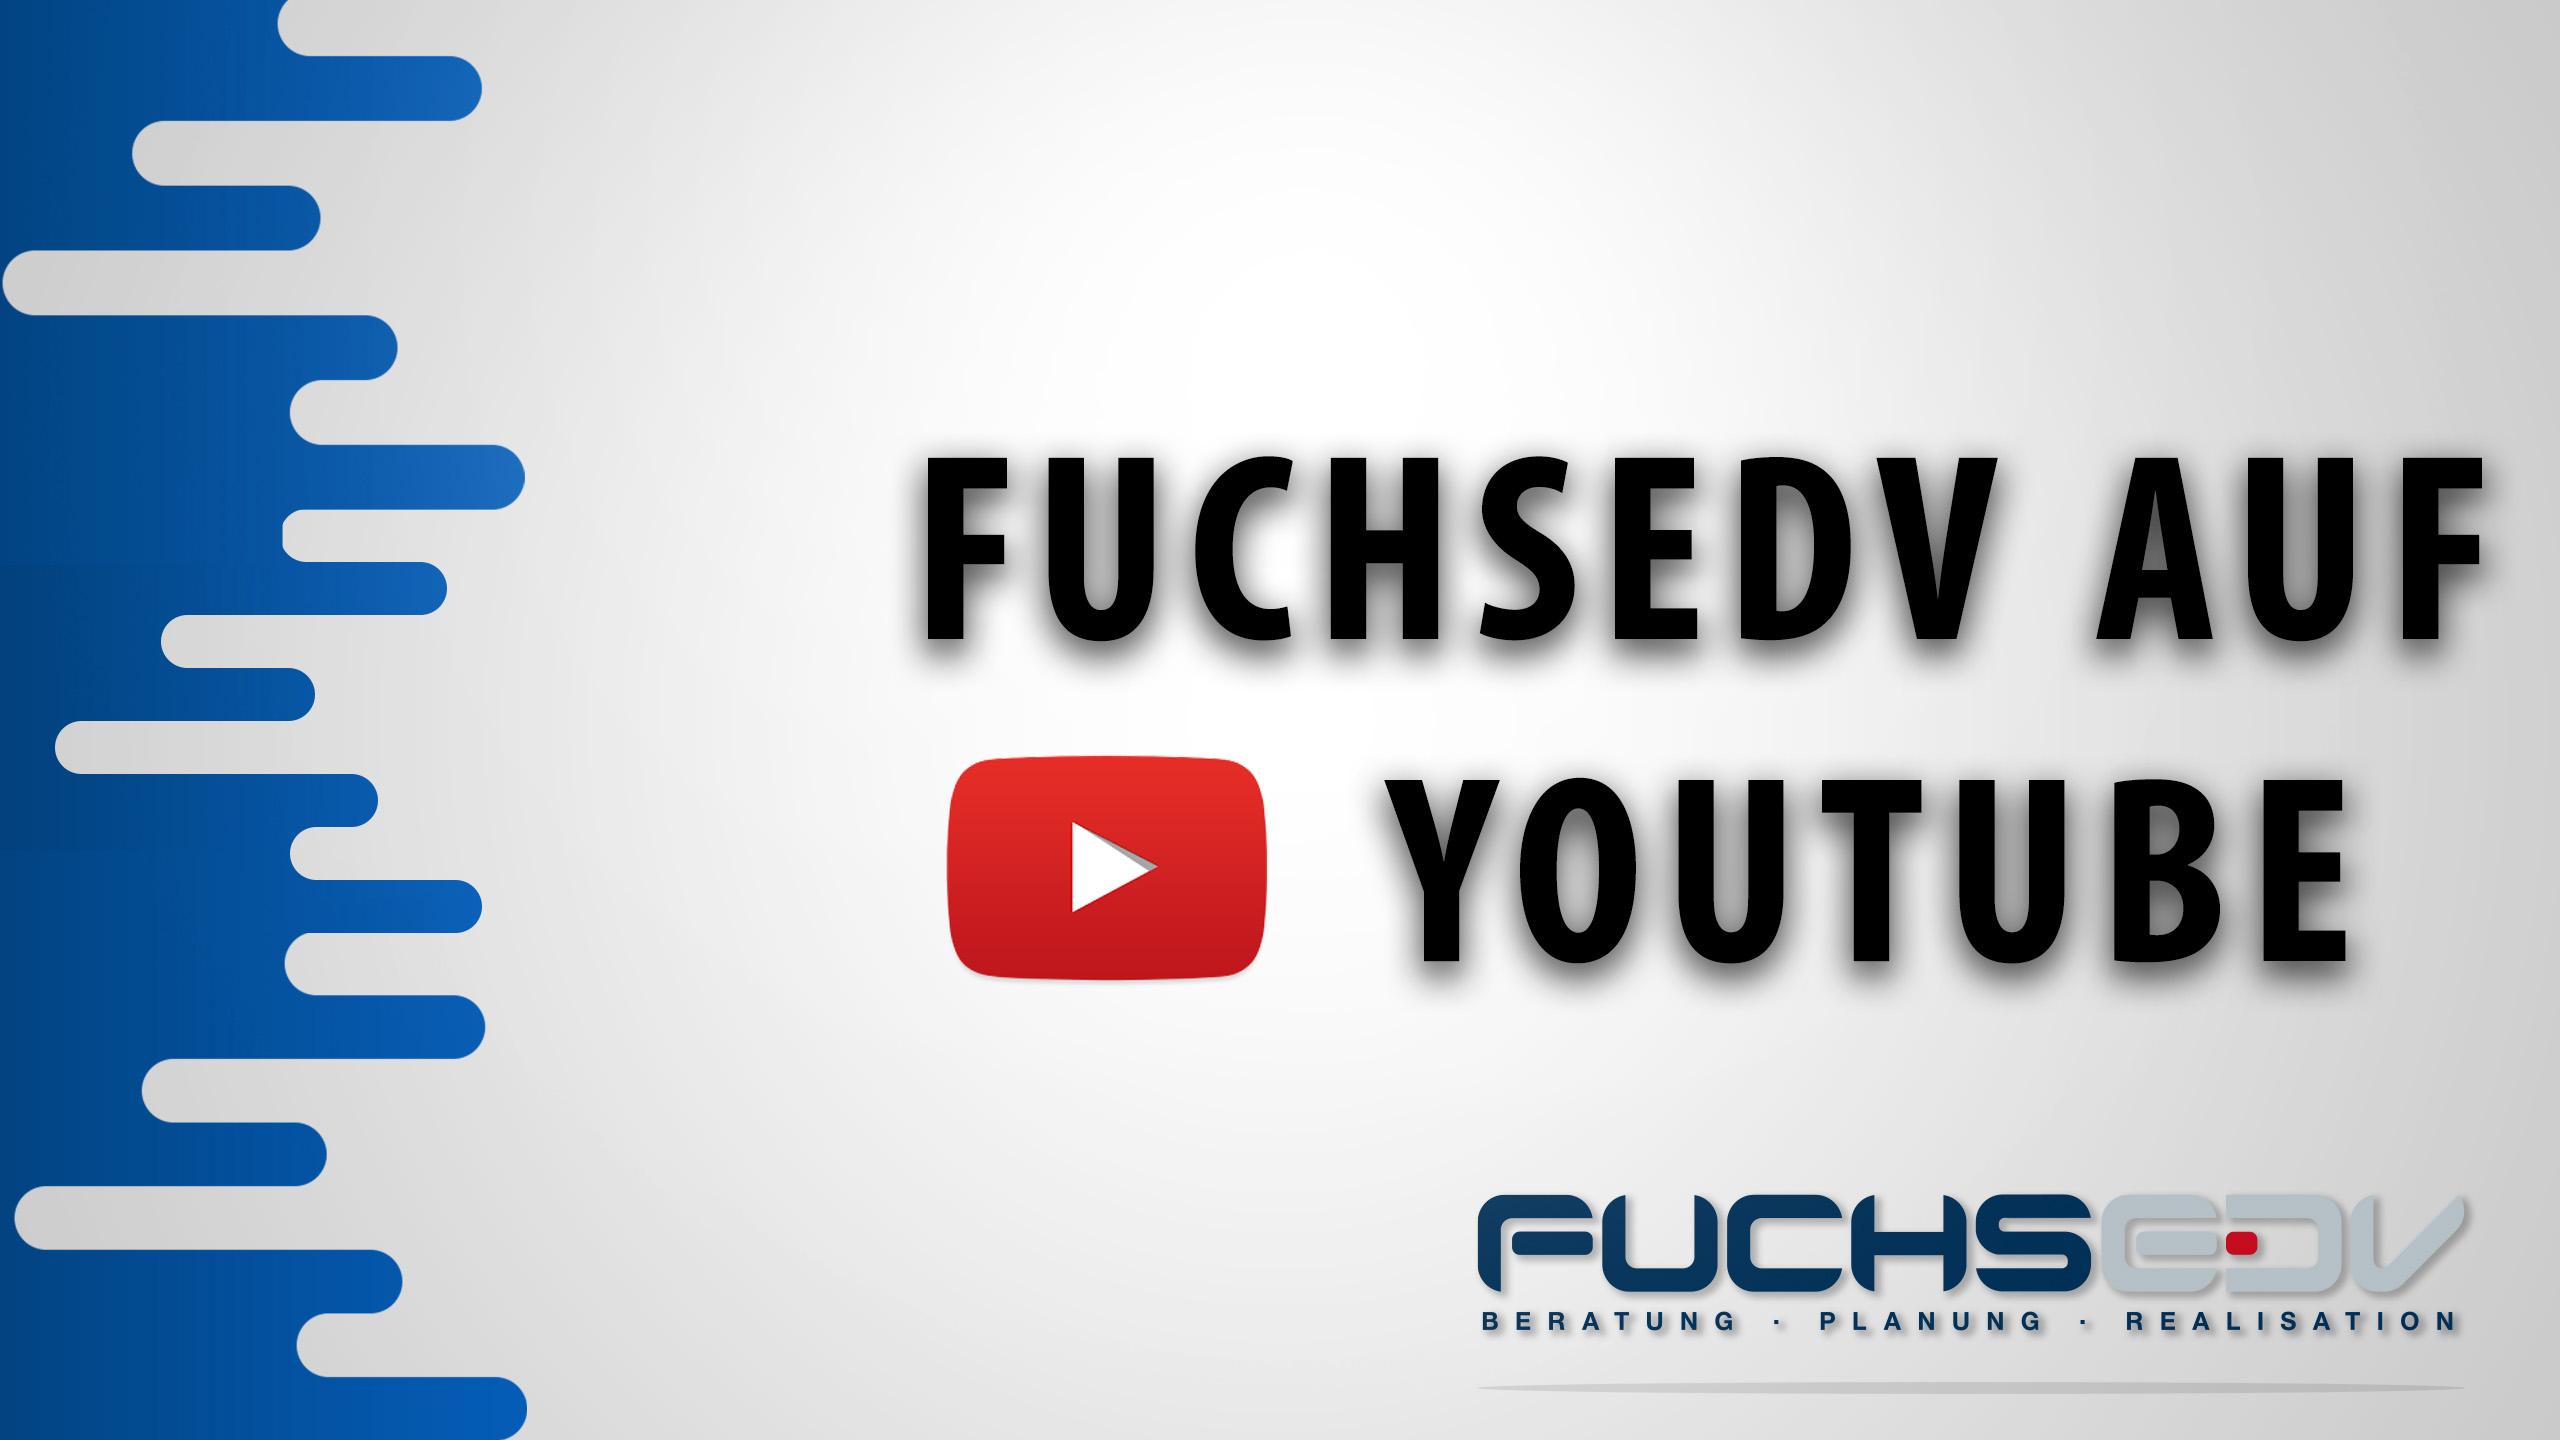 FUCHS EDV auf YouTube 4